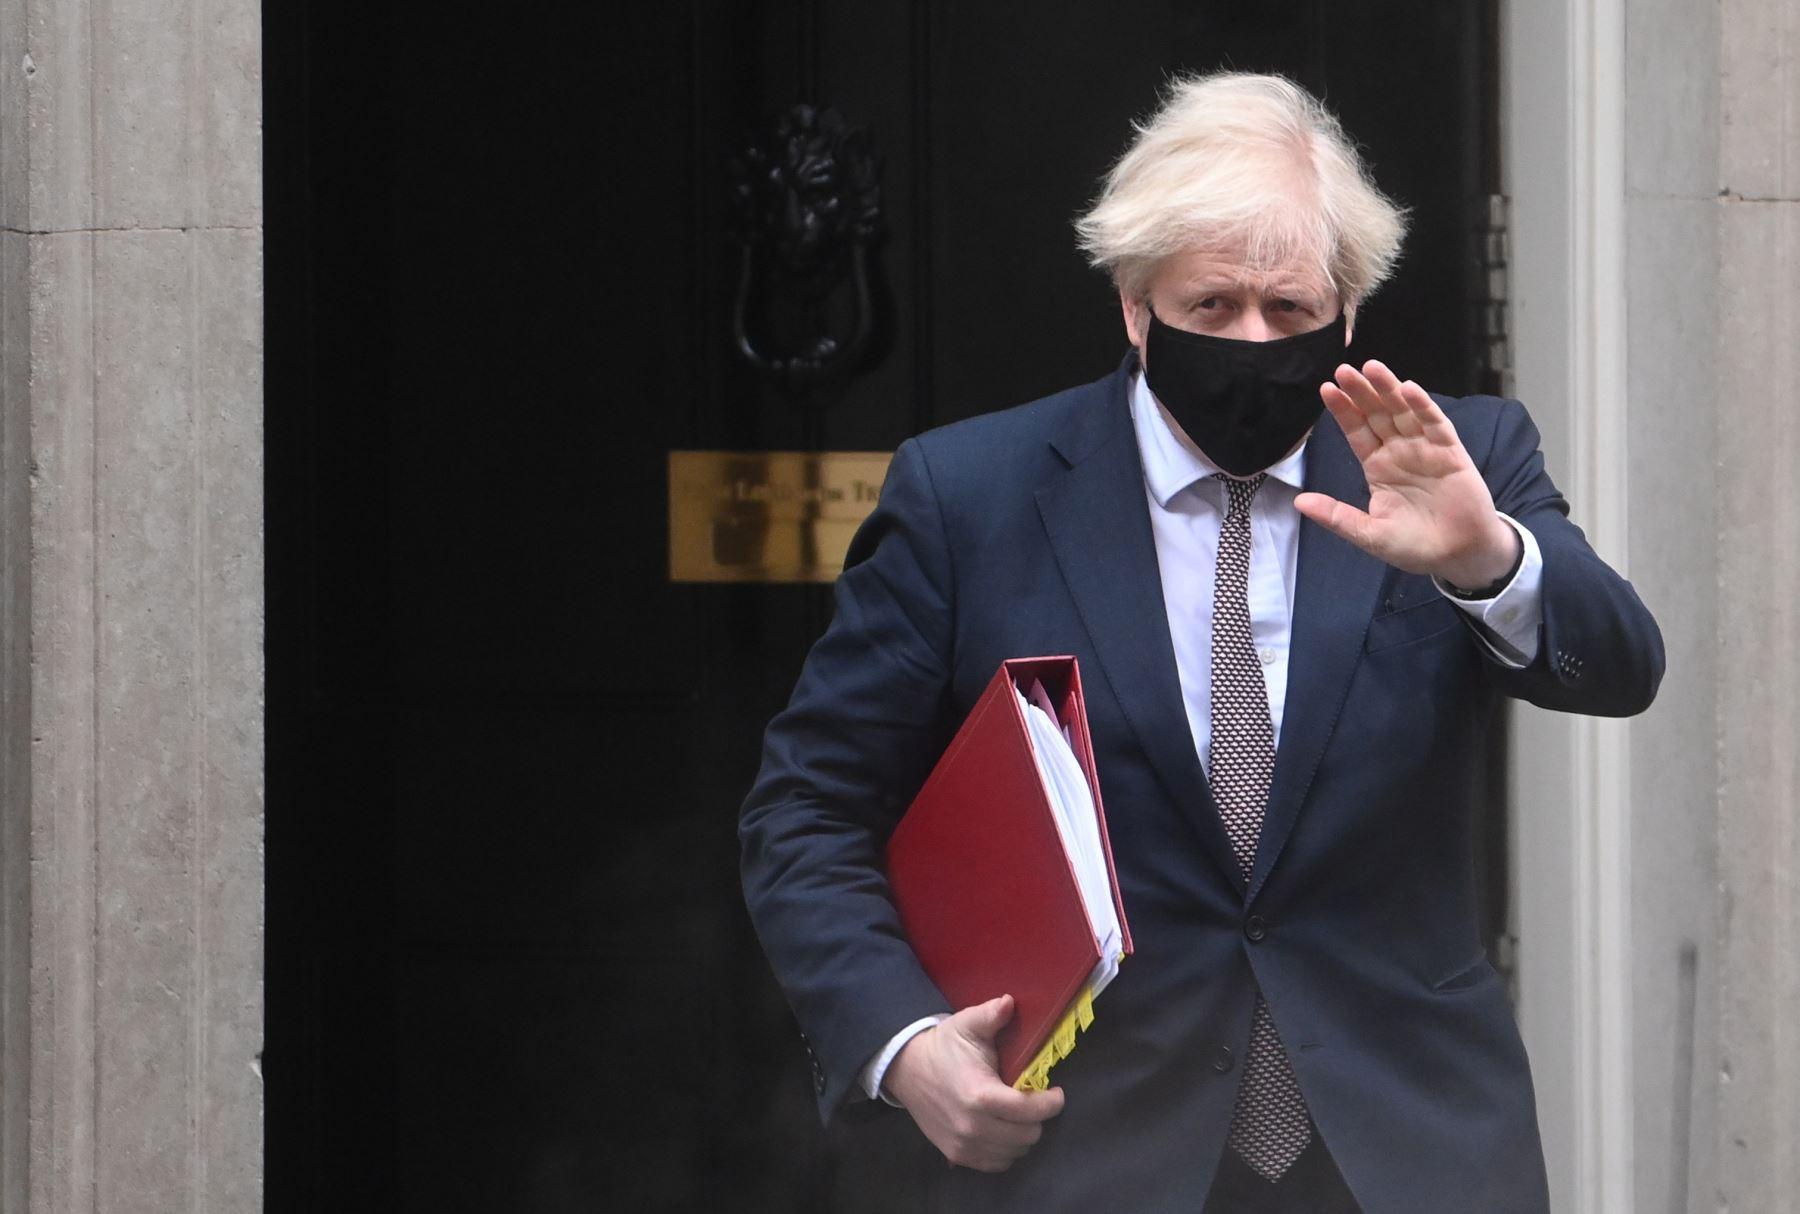 Johnson evalúa relajar las restricciones hacia mediados que se tomaran en los próximos días. Foto: AFP